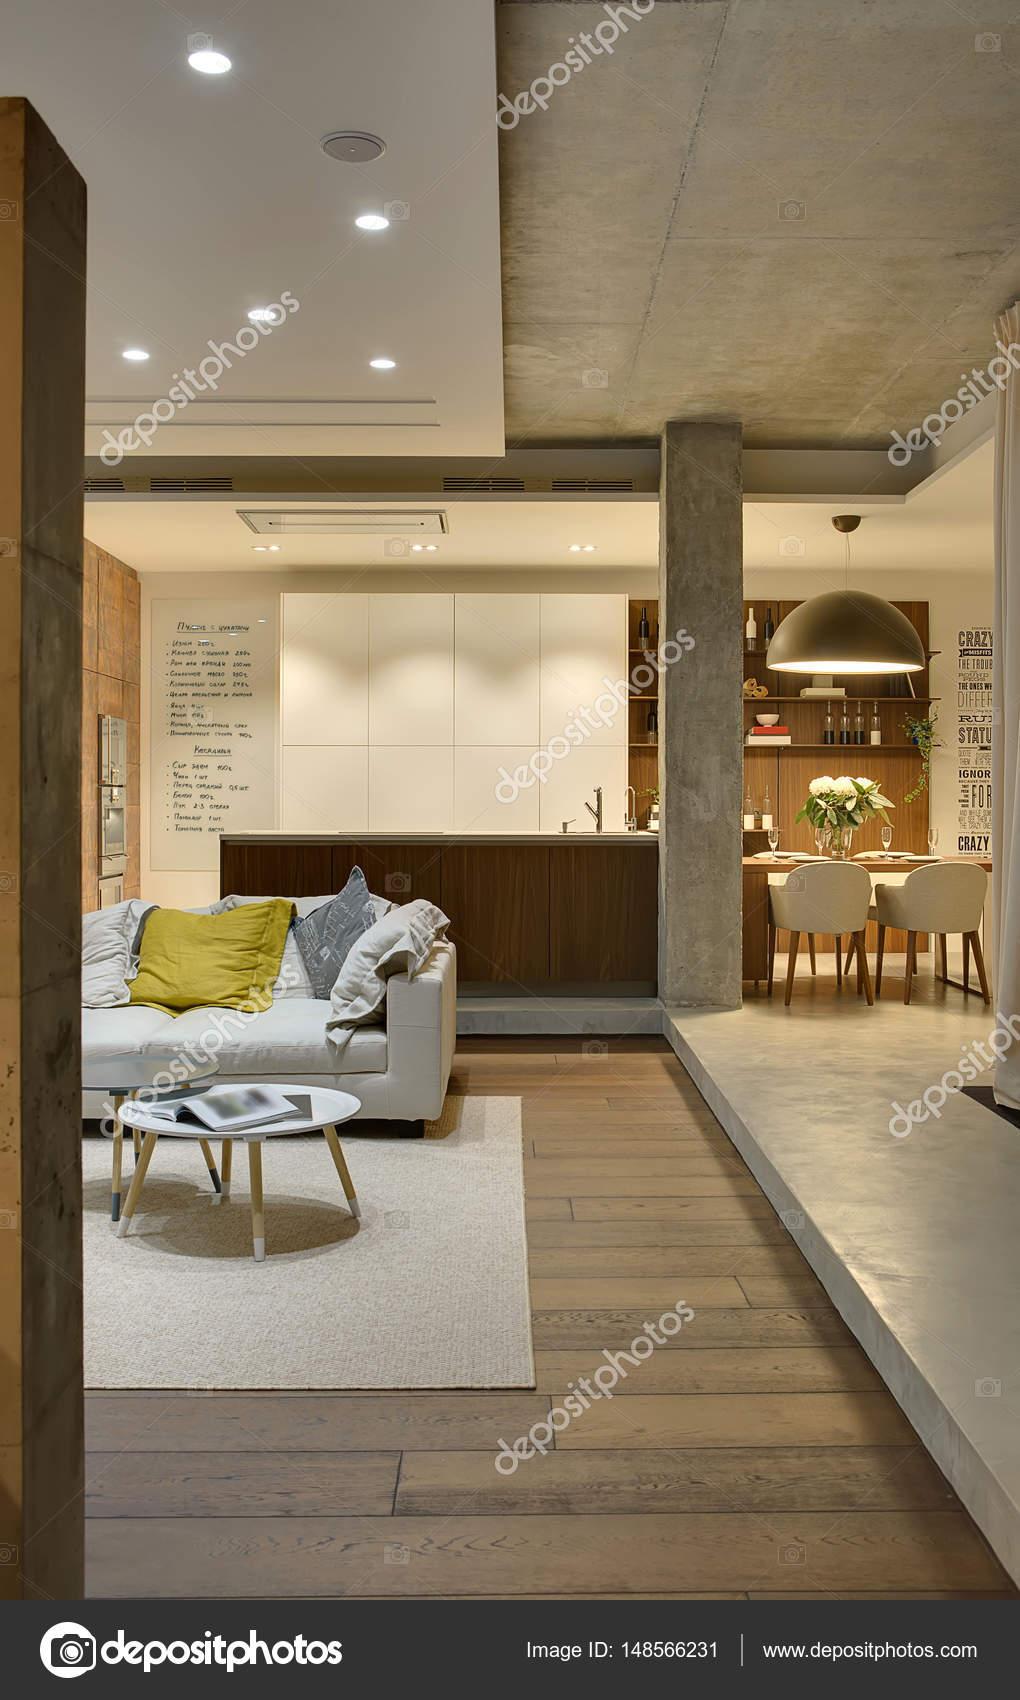 Apartamento Em Estilo Loft Stock Photo Bezikus 148566231